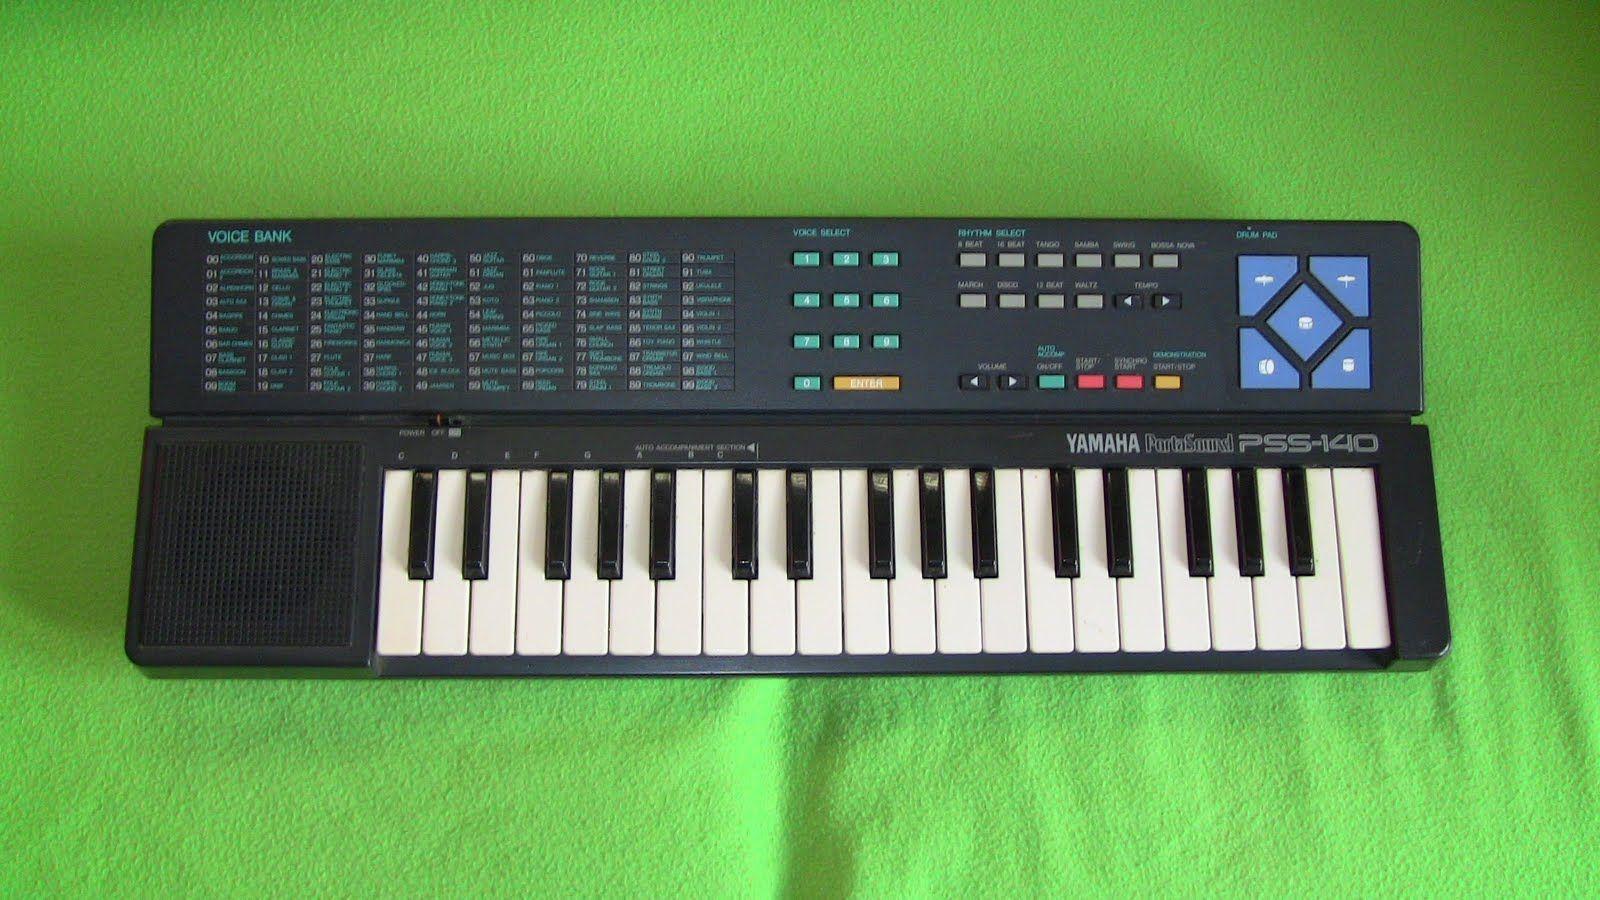 yamaha portasound pss 140 synthesizer pinterest yamaha rh pinterest com yamaha pss 270 service manual yamaha pss-270 specifications